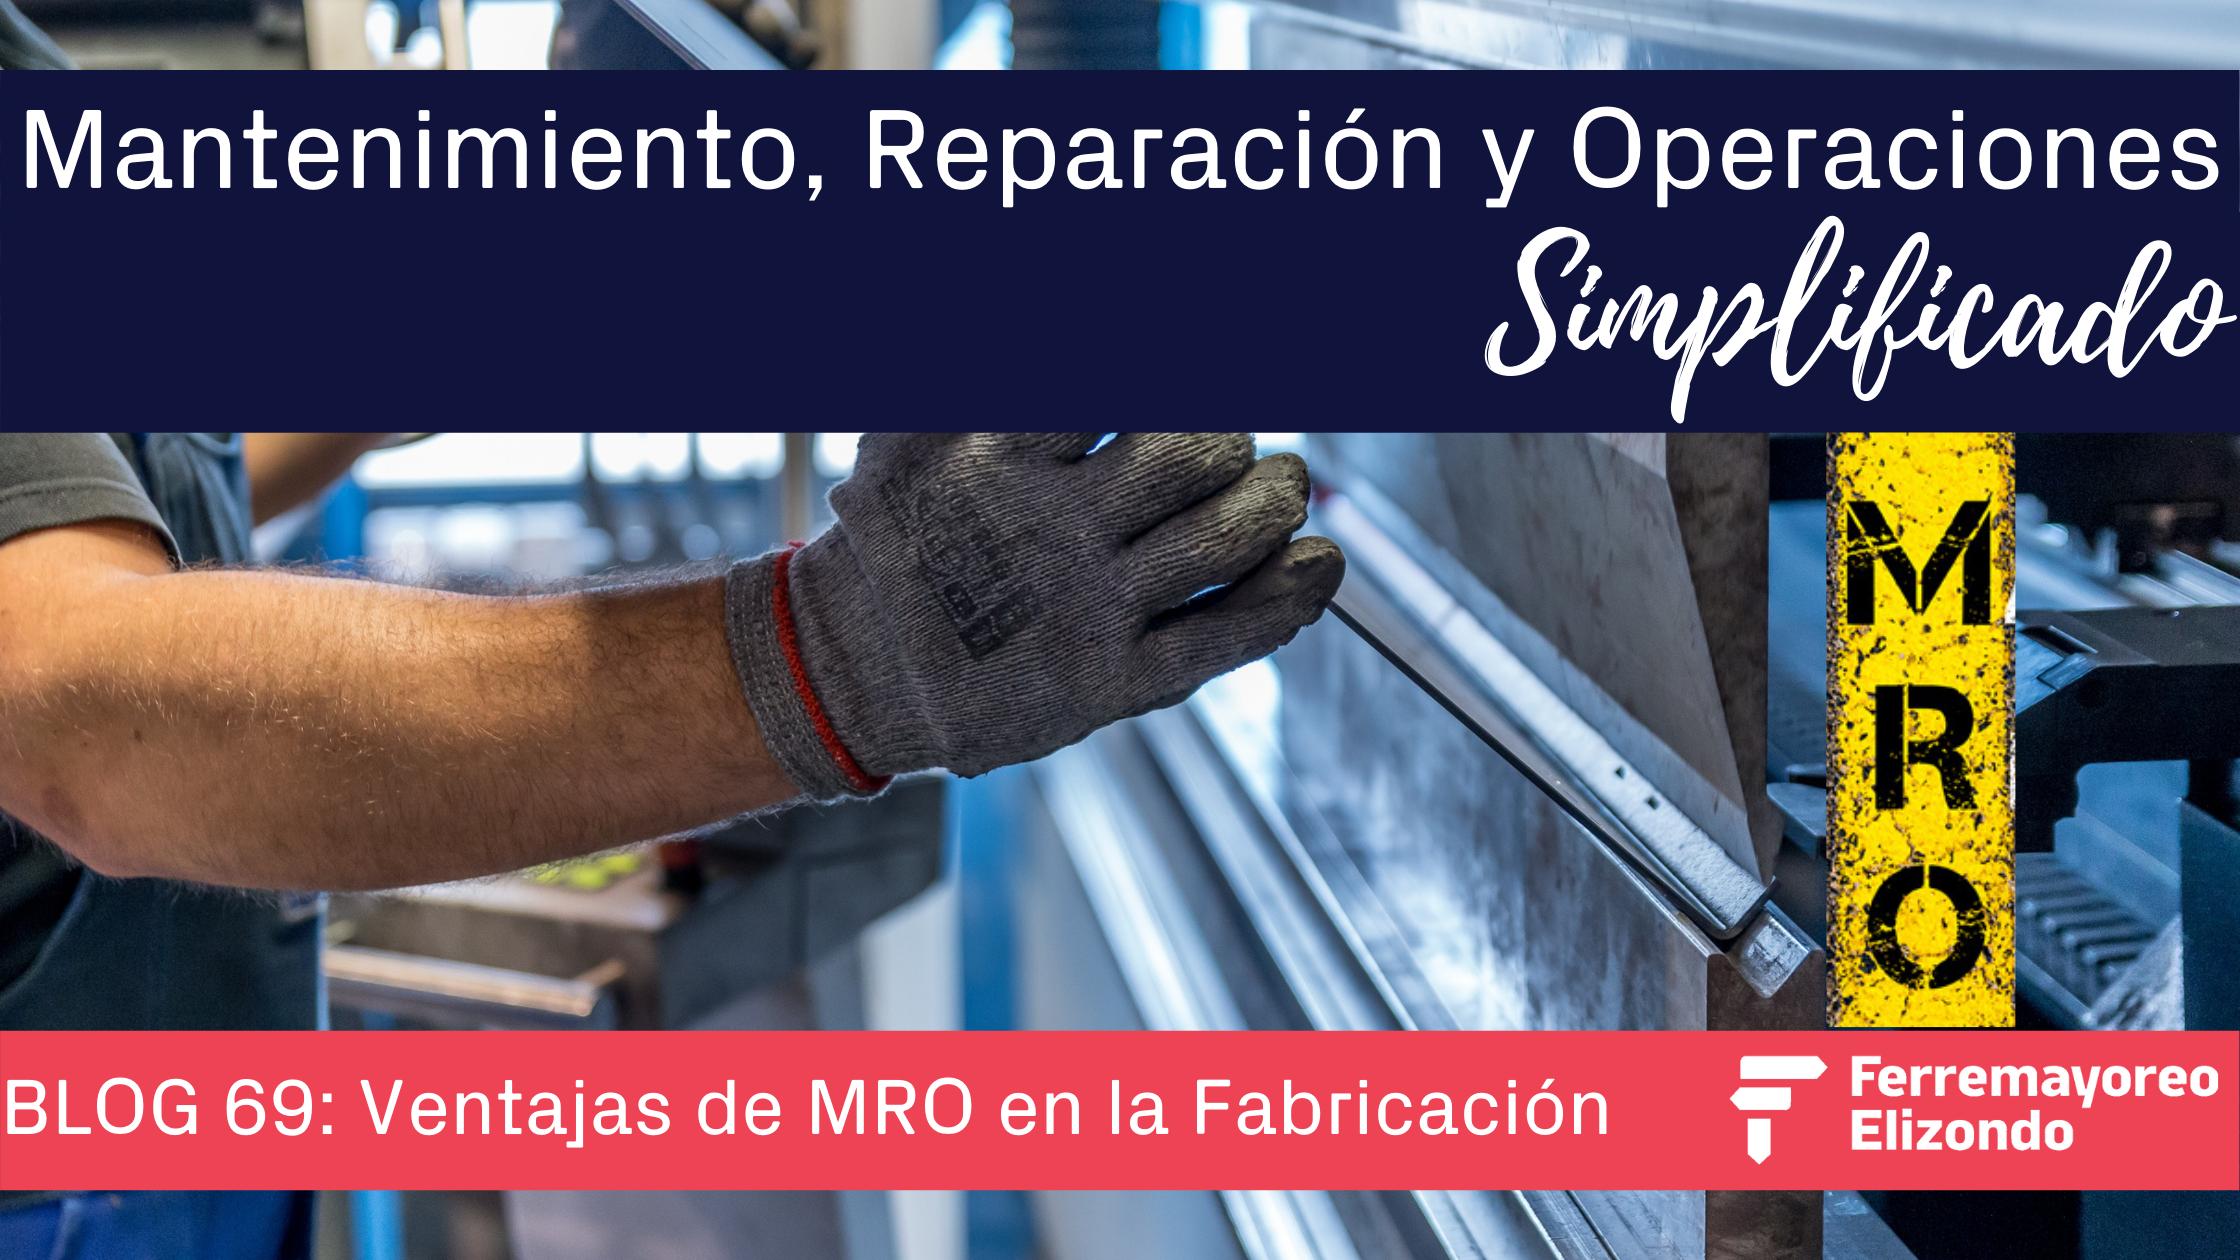 MRO Simplificado: Ventajas del MRO en la Fabricación